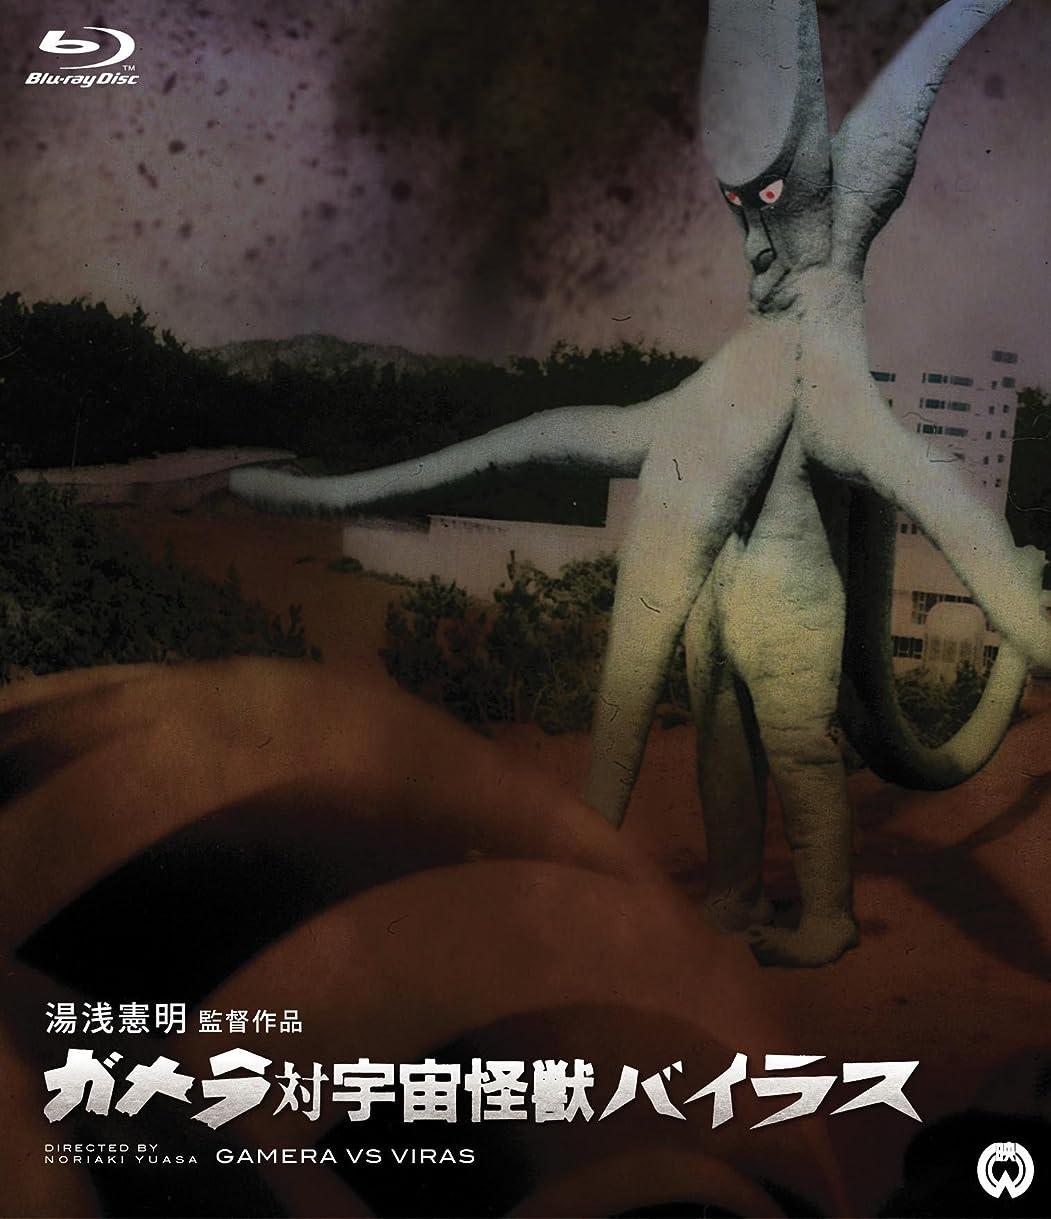 世界船員目を覚ますガメラ対宇宙怪獣バイラス [Blu-ray]